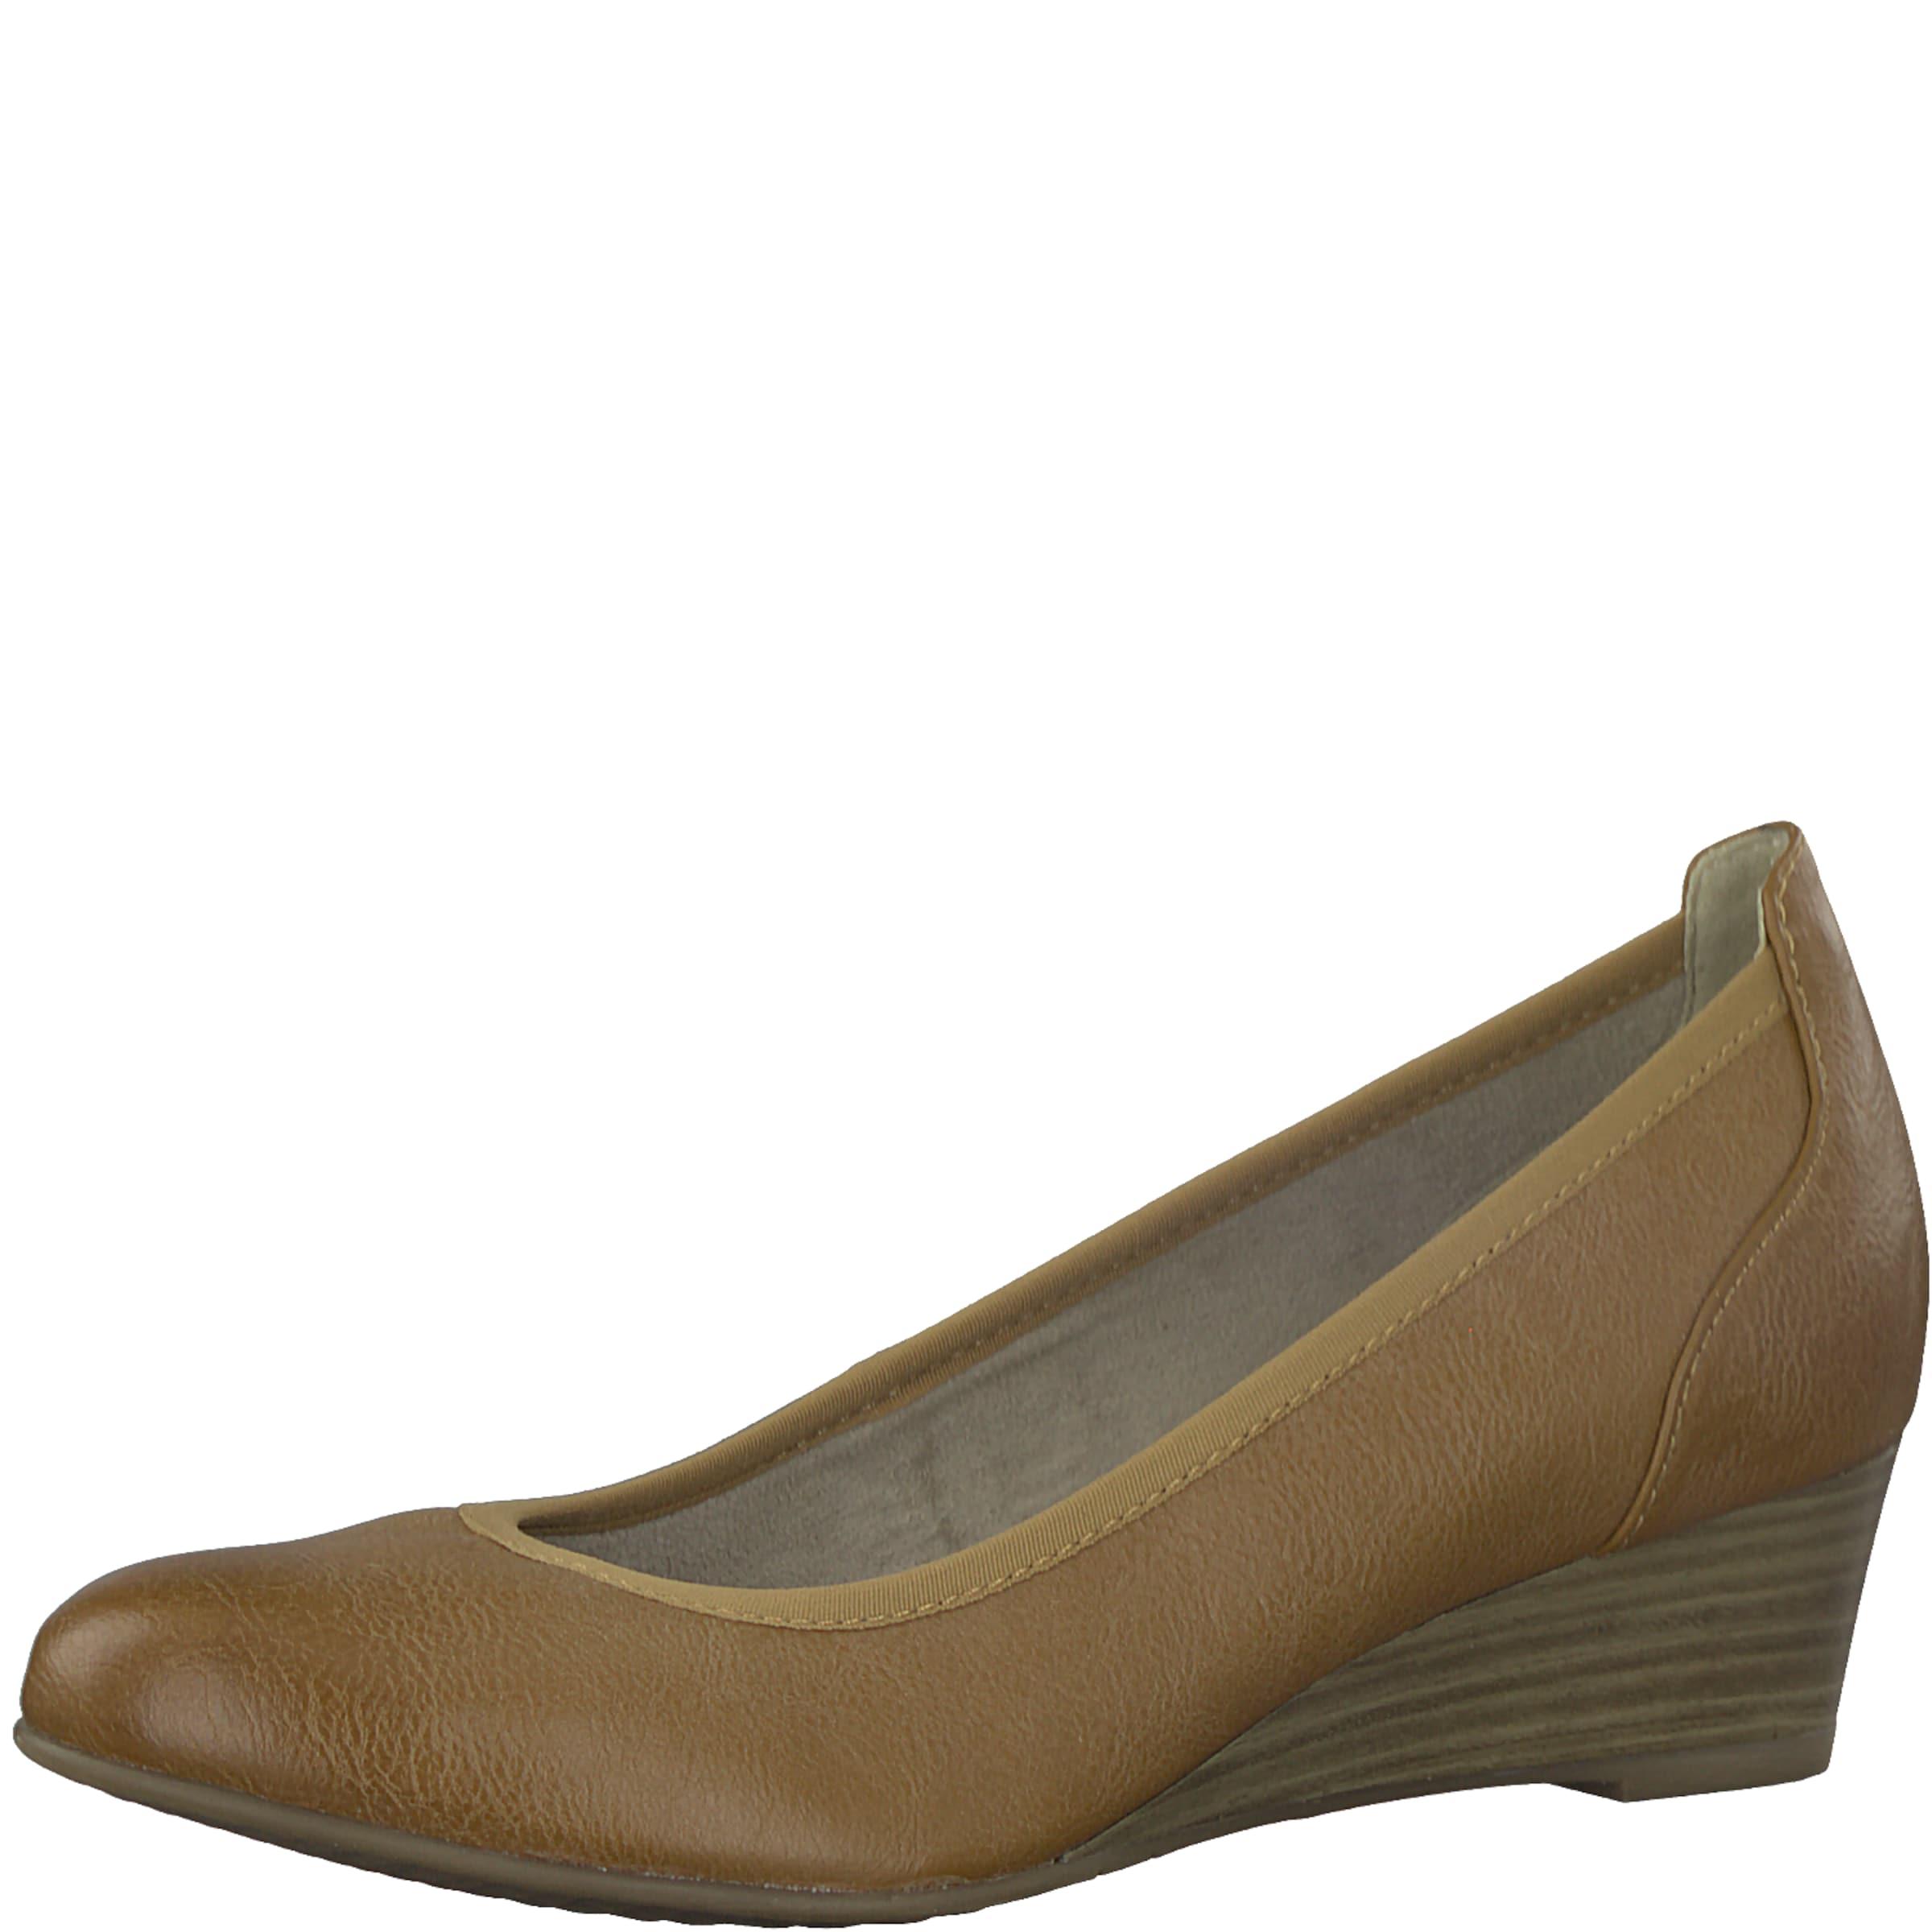 Haltbare Mode billige Schuhe TAMARIS | Pumps mit Wedgeabsatz Schuhe Gut getragene Schuhe